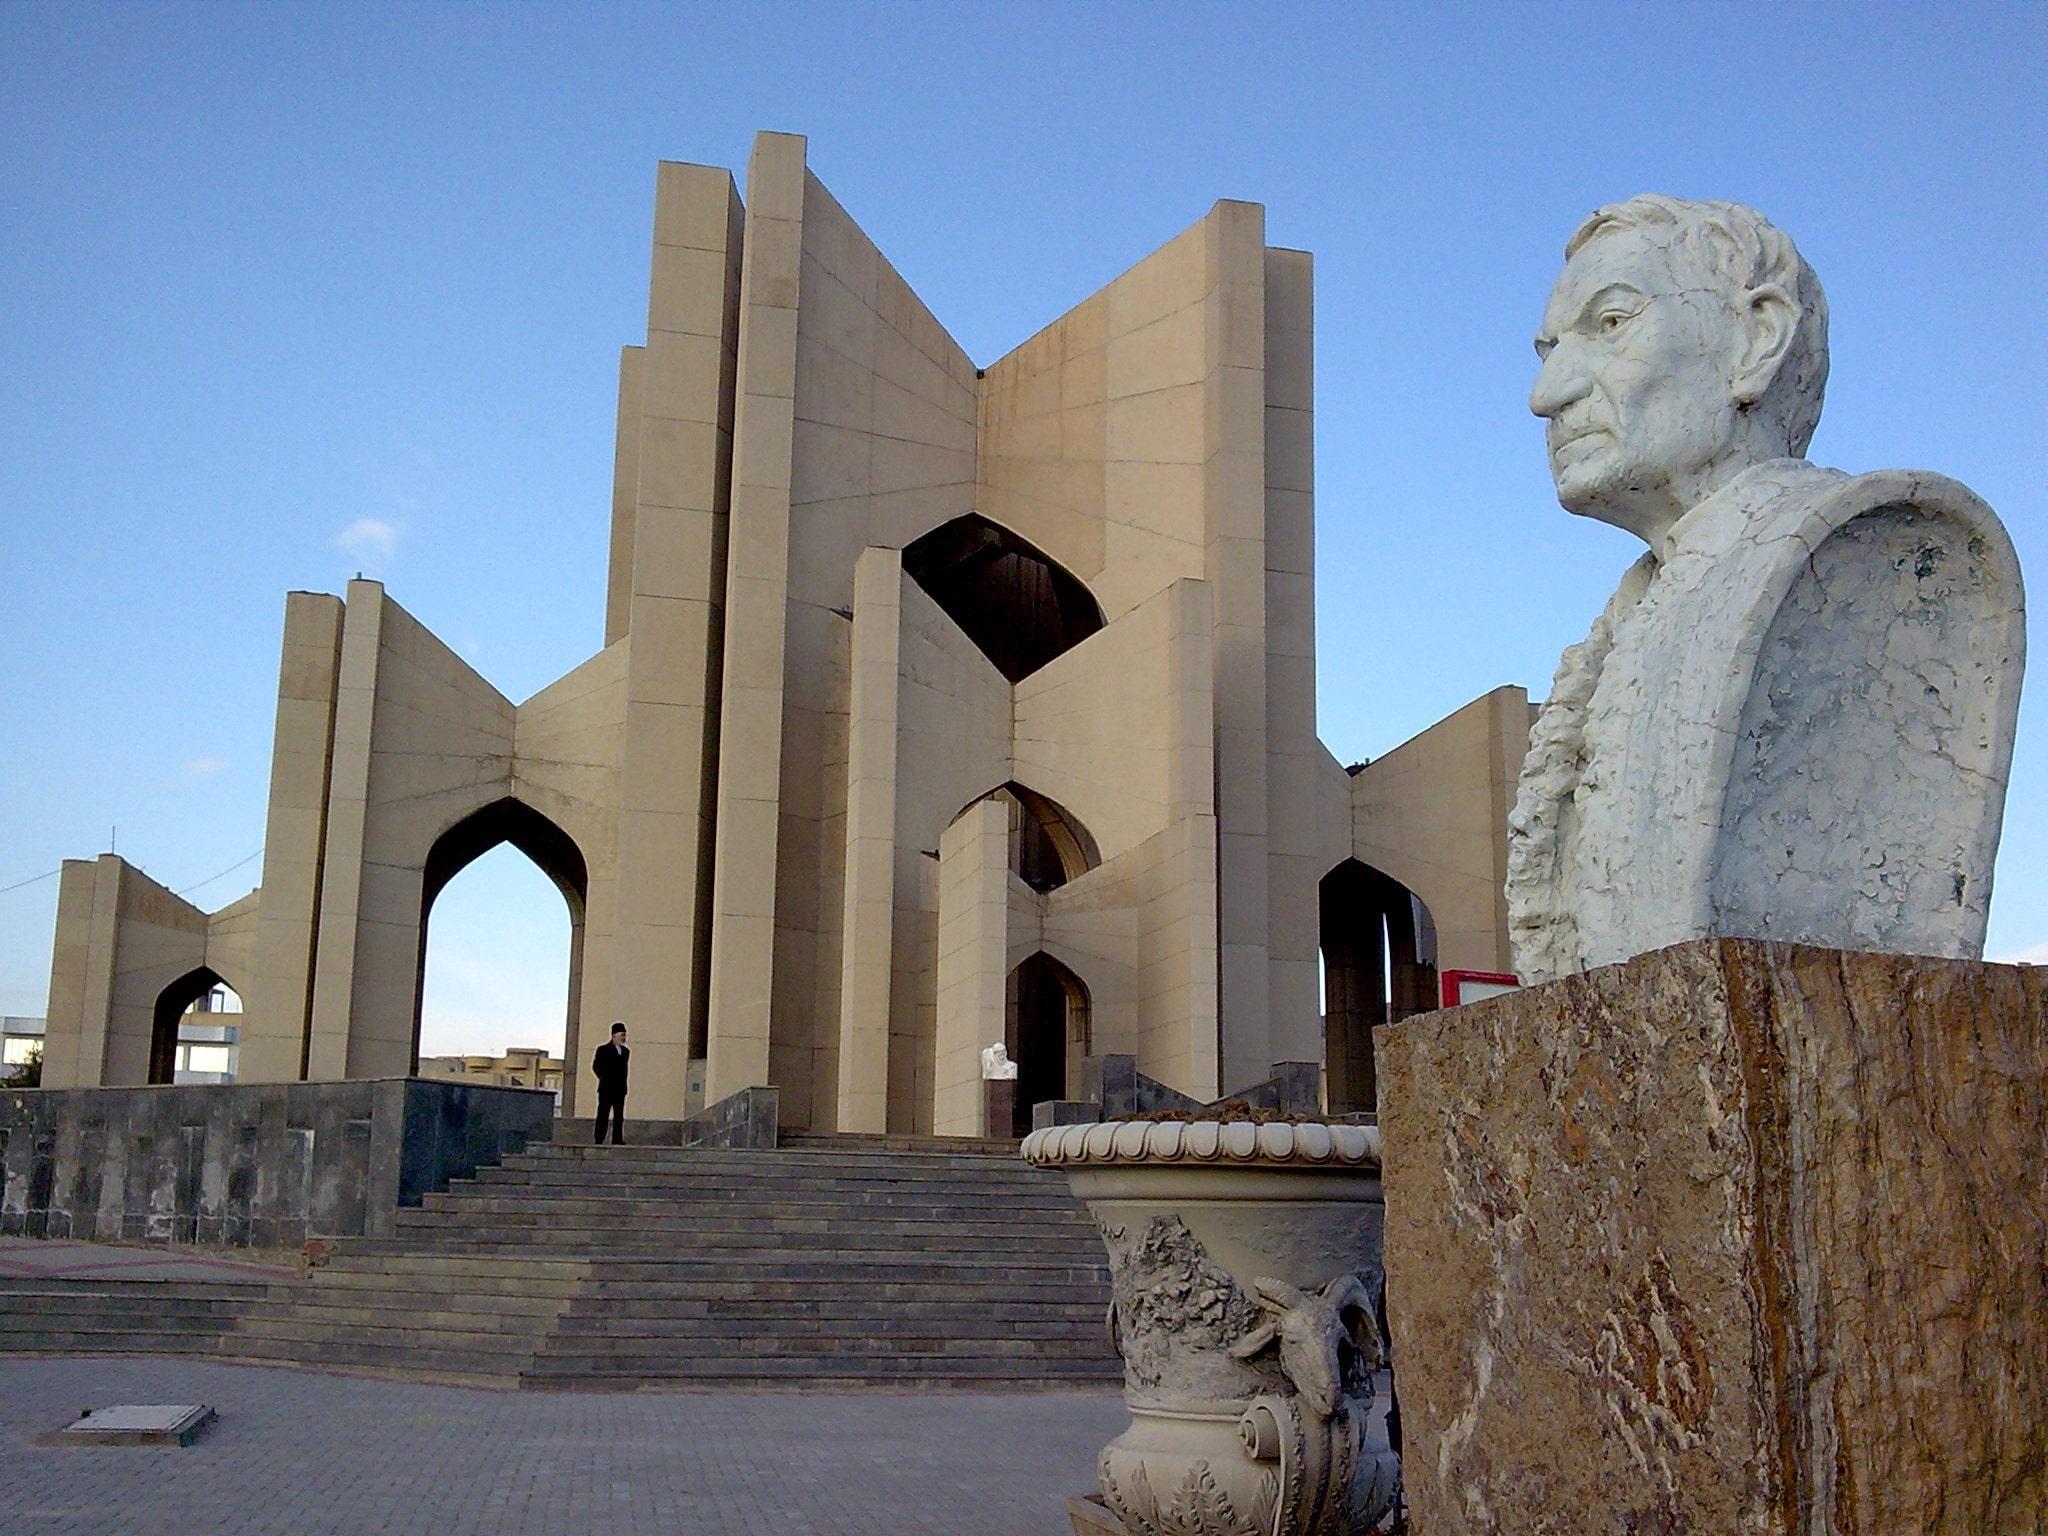 مقبرهالشعرا (مزار شاعران) در تبریز